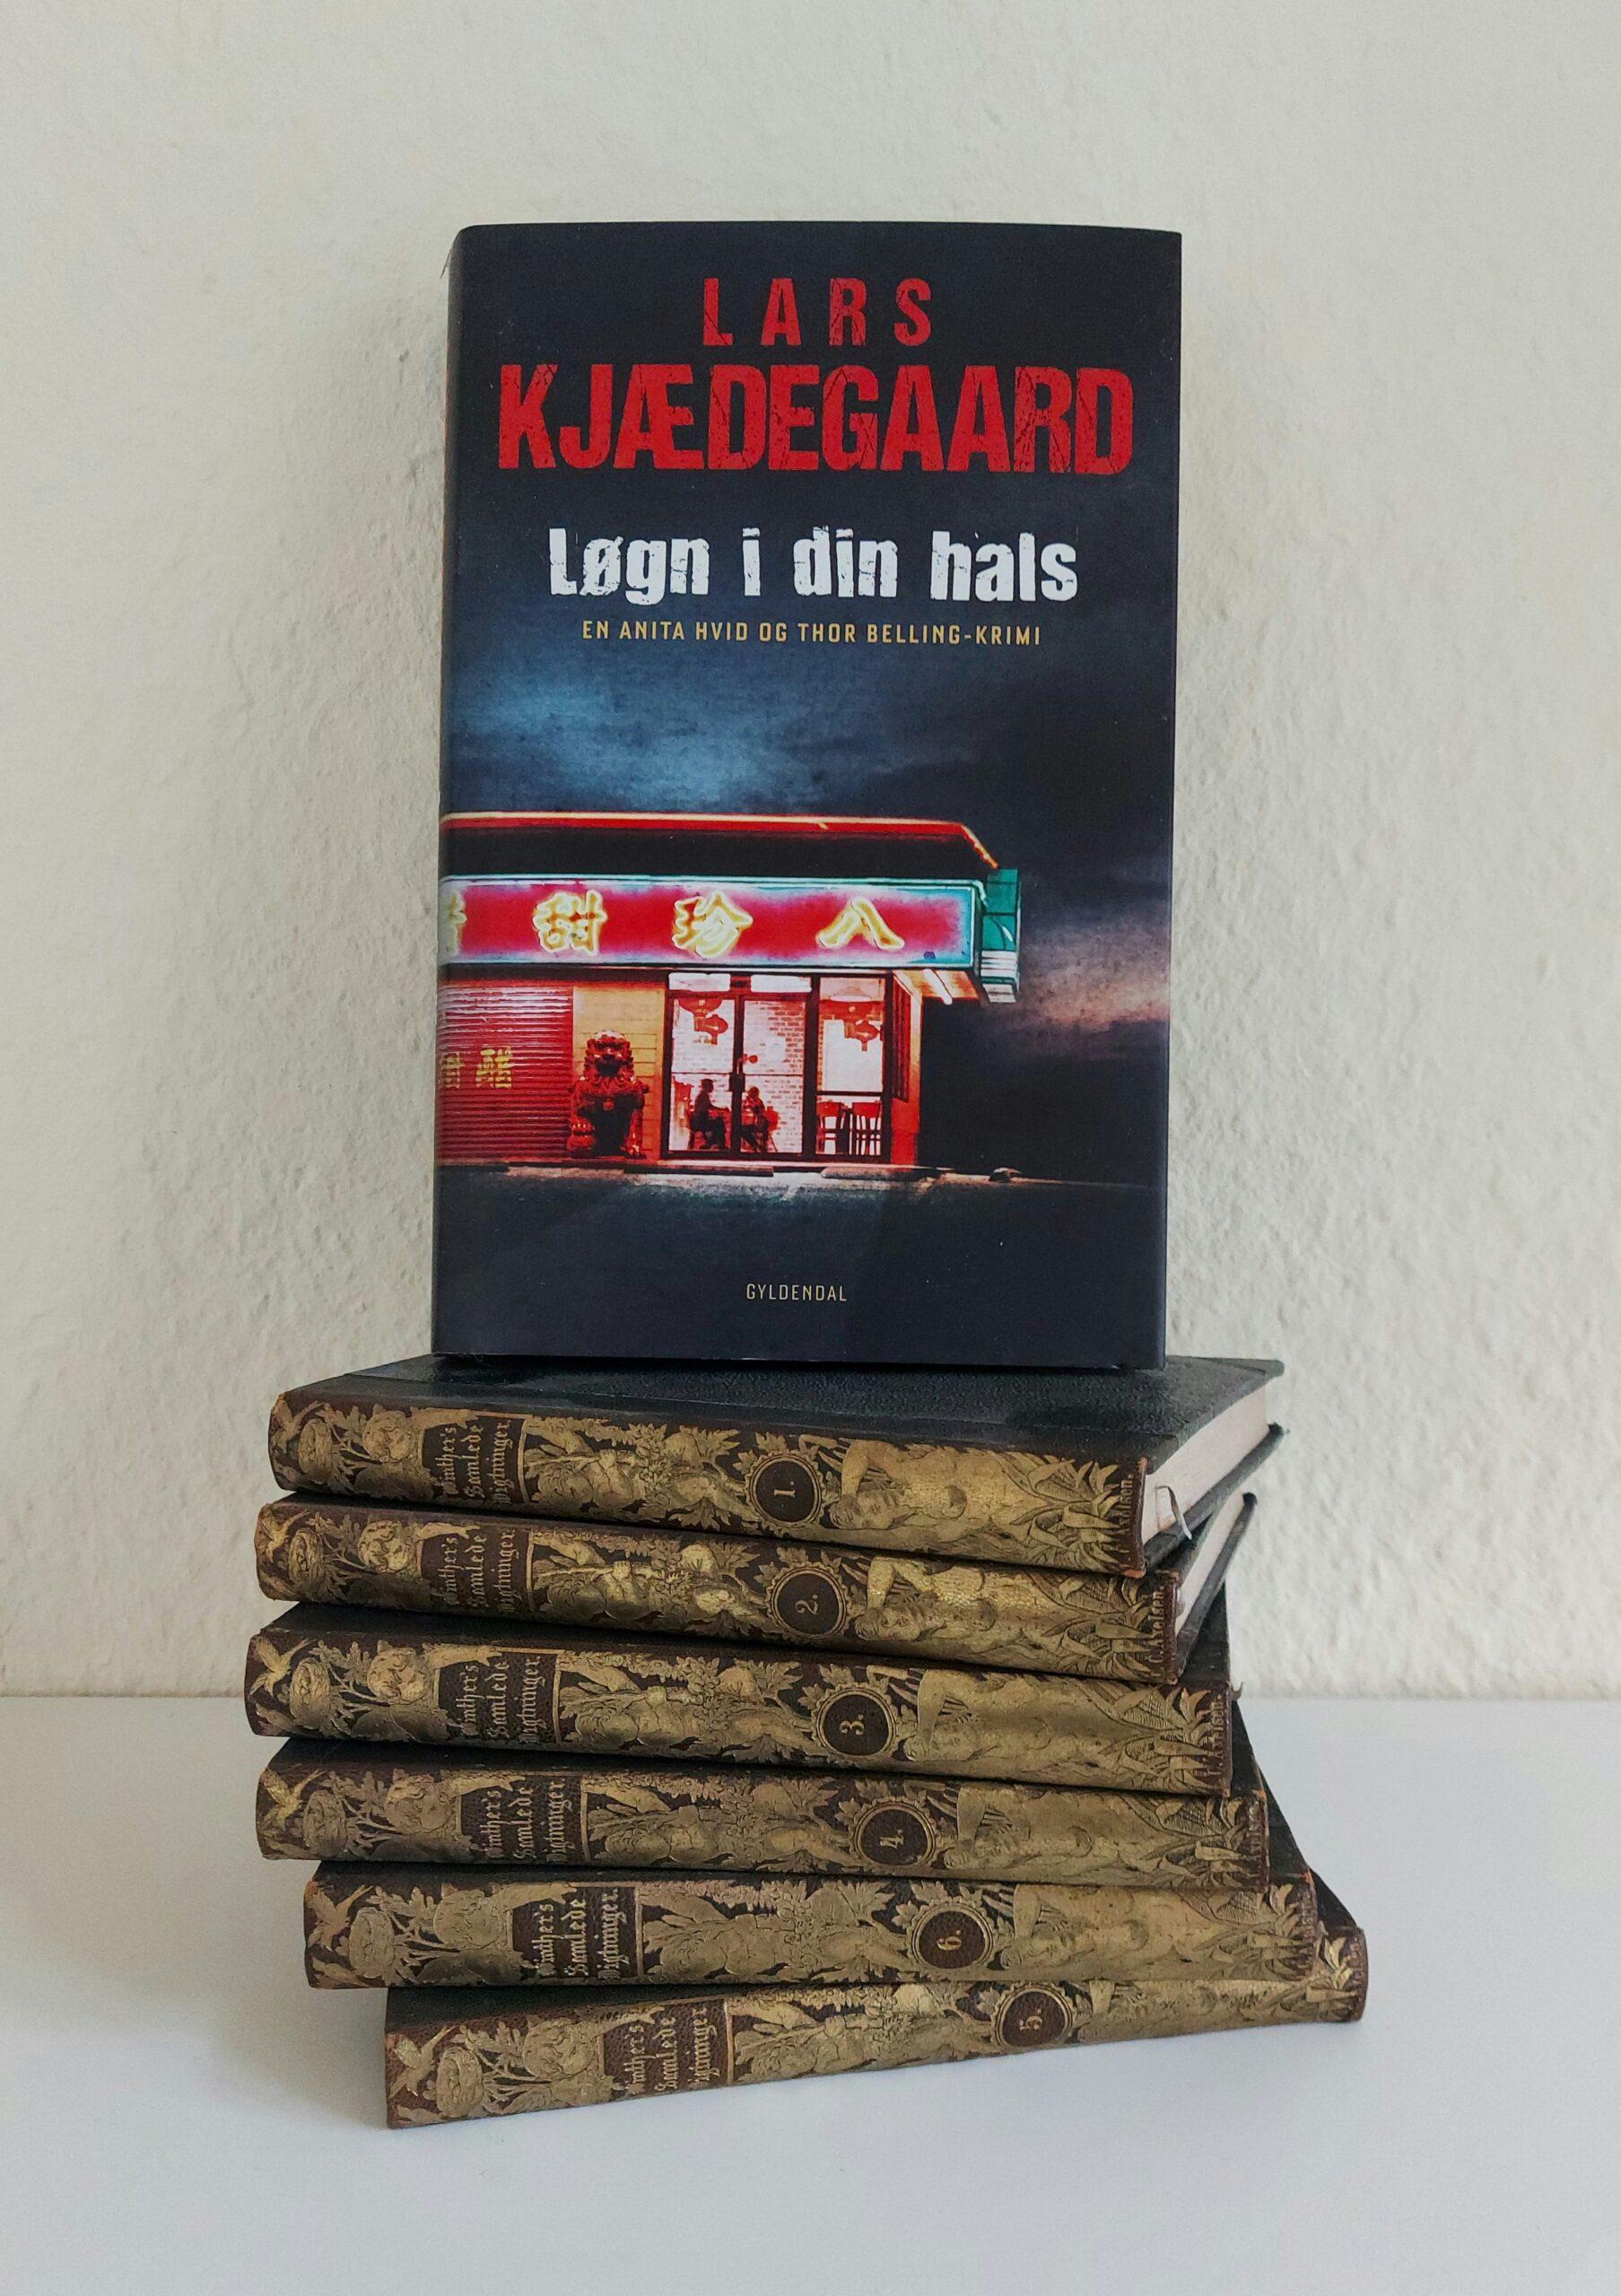 Løgn i din hals af Lars Kjædegaard (Anita Hvid og Thor Belling #14)